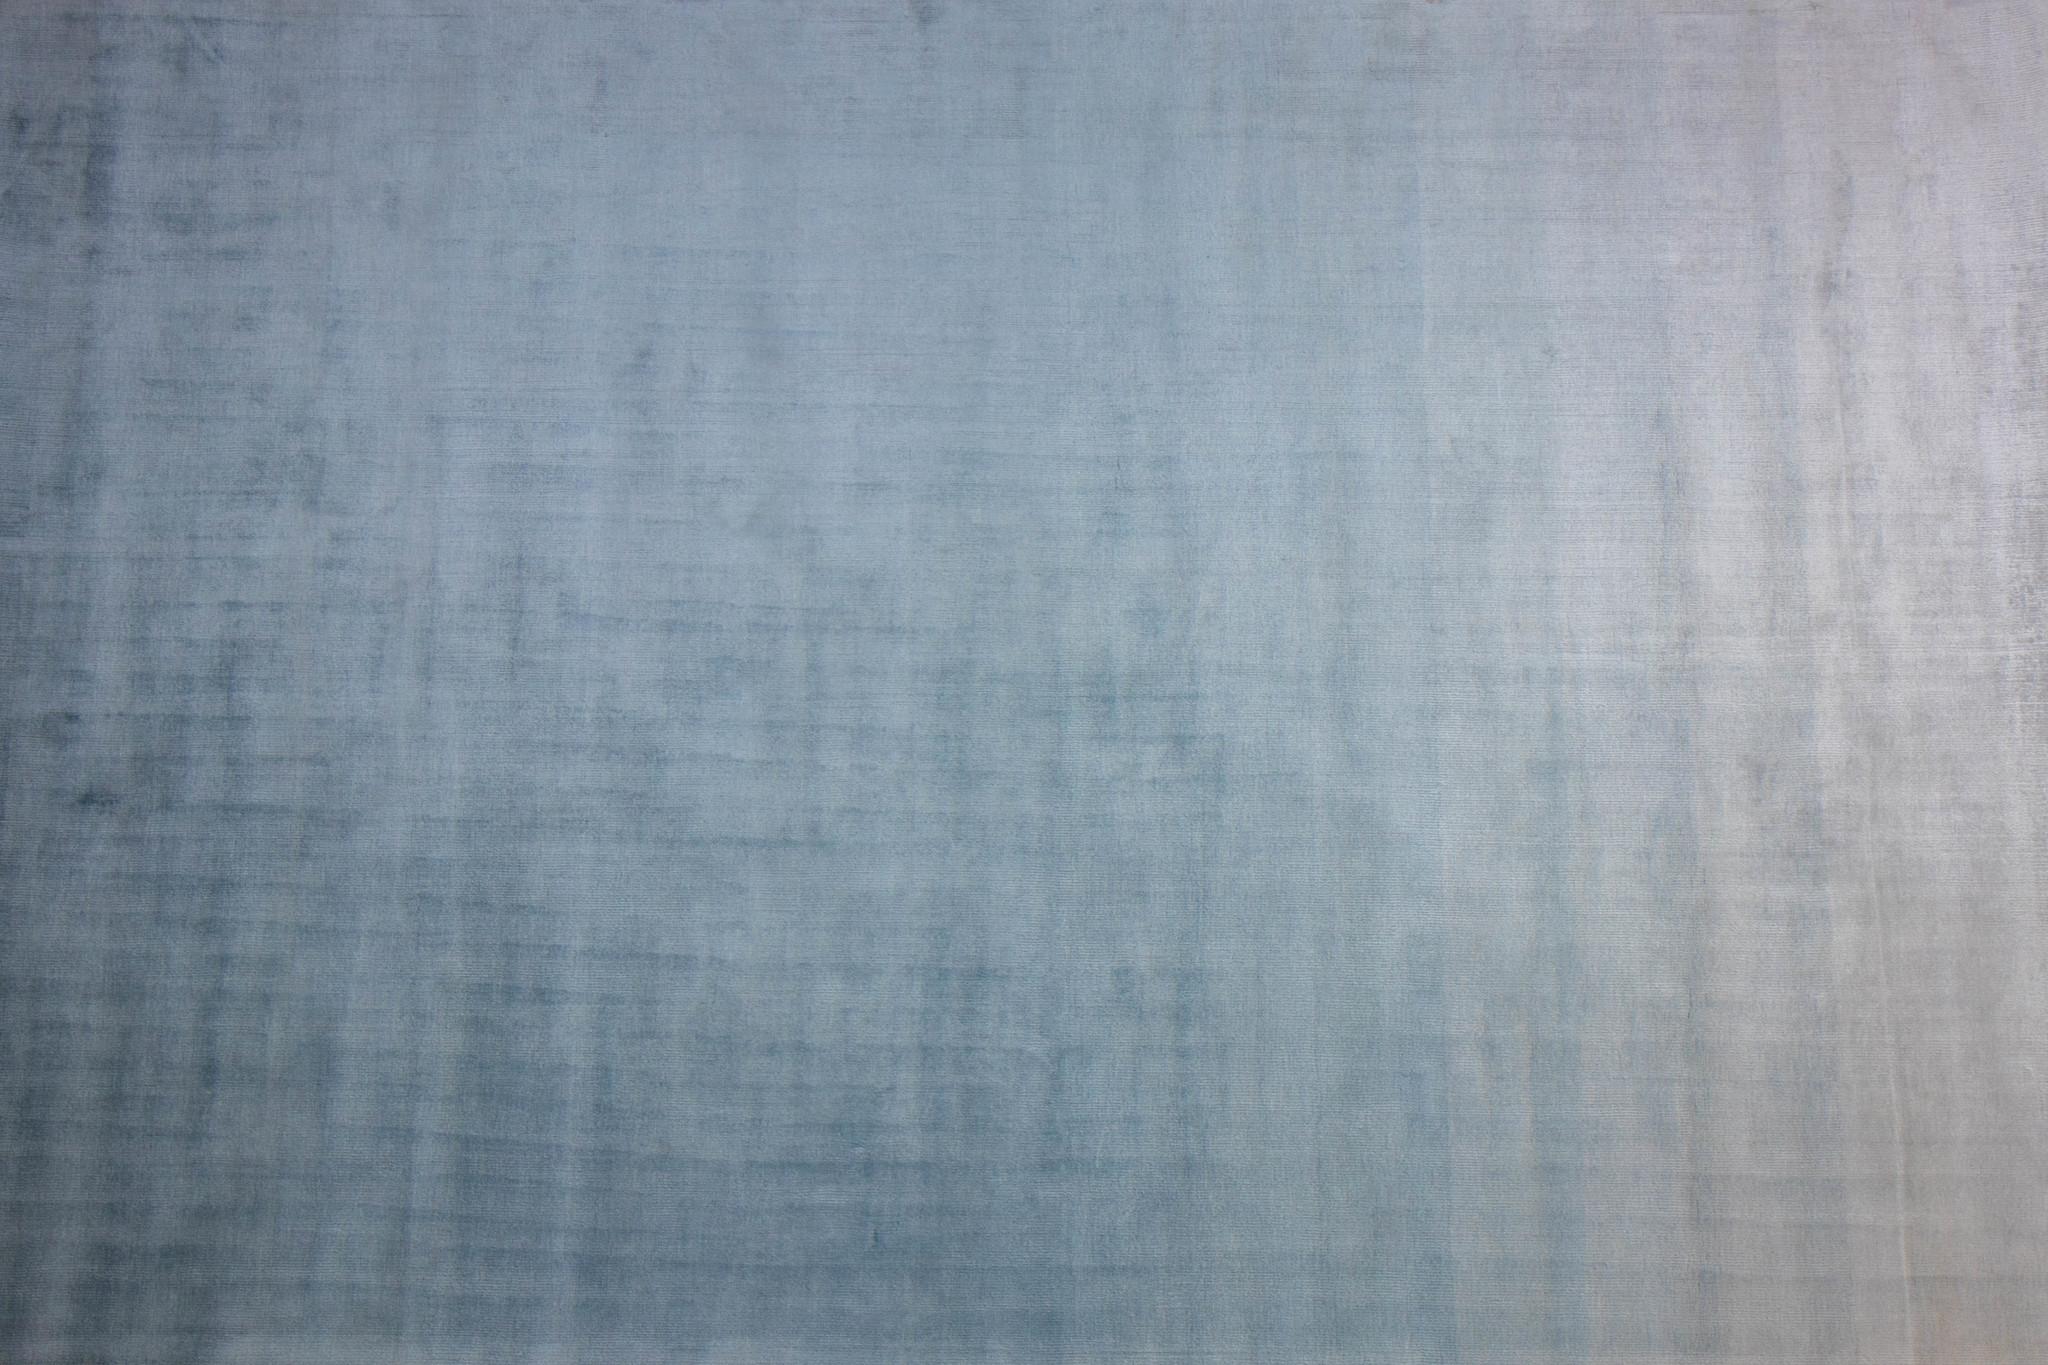 UMBRIA Carpet Blue Fade 200x300-1